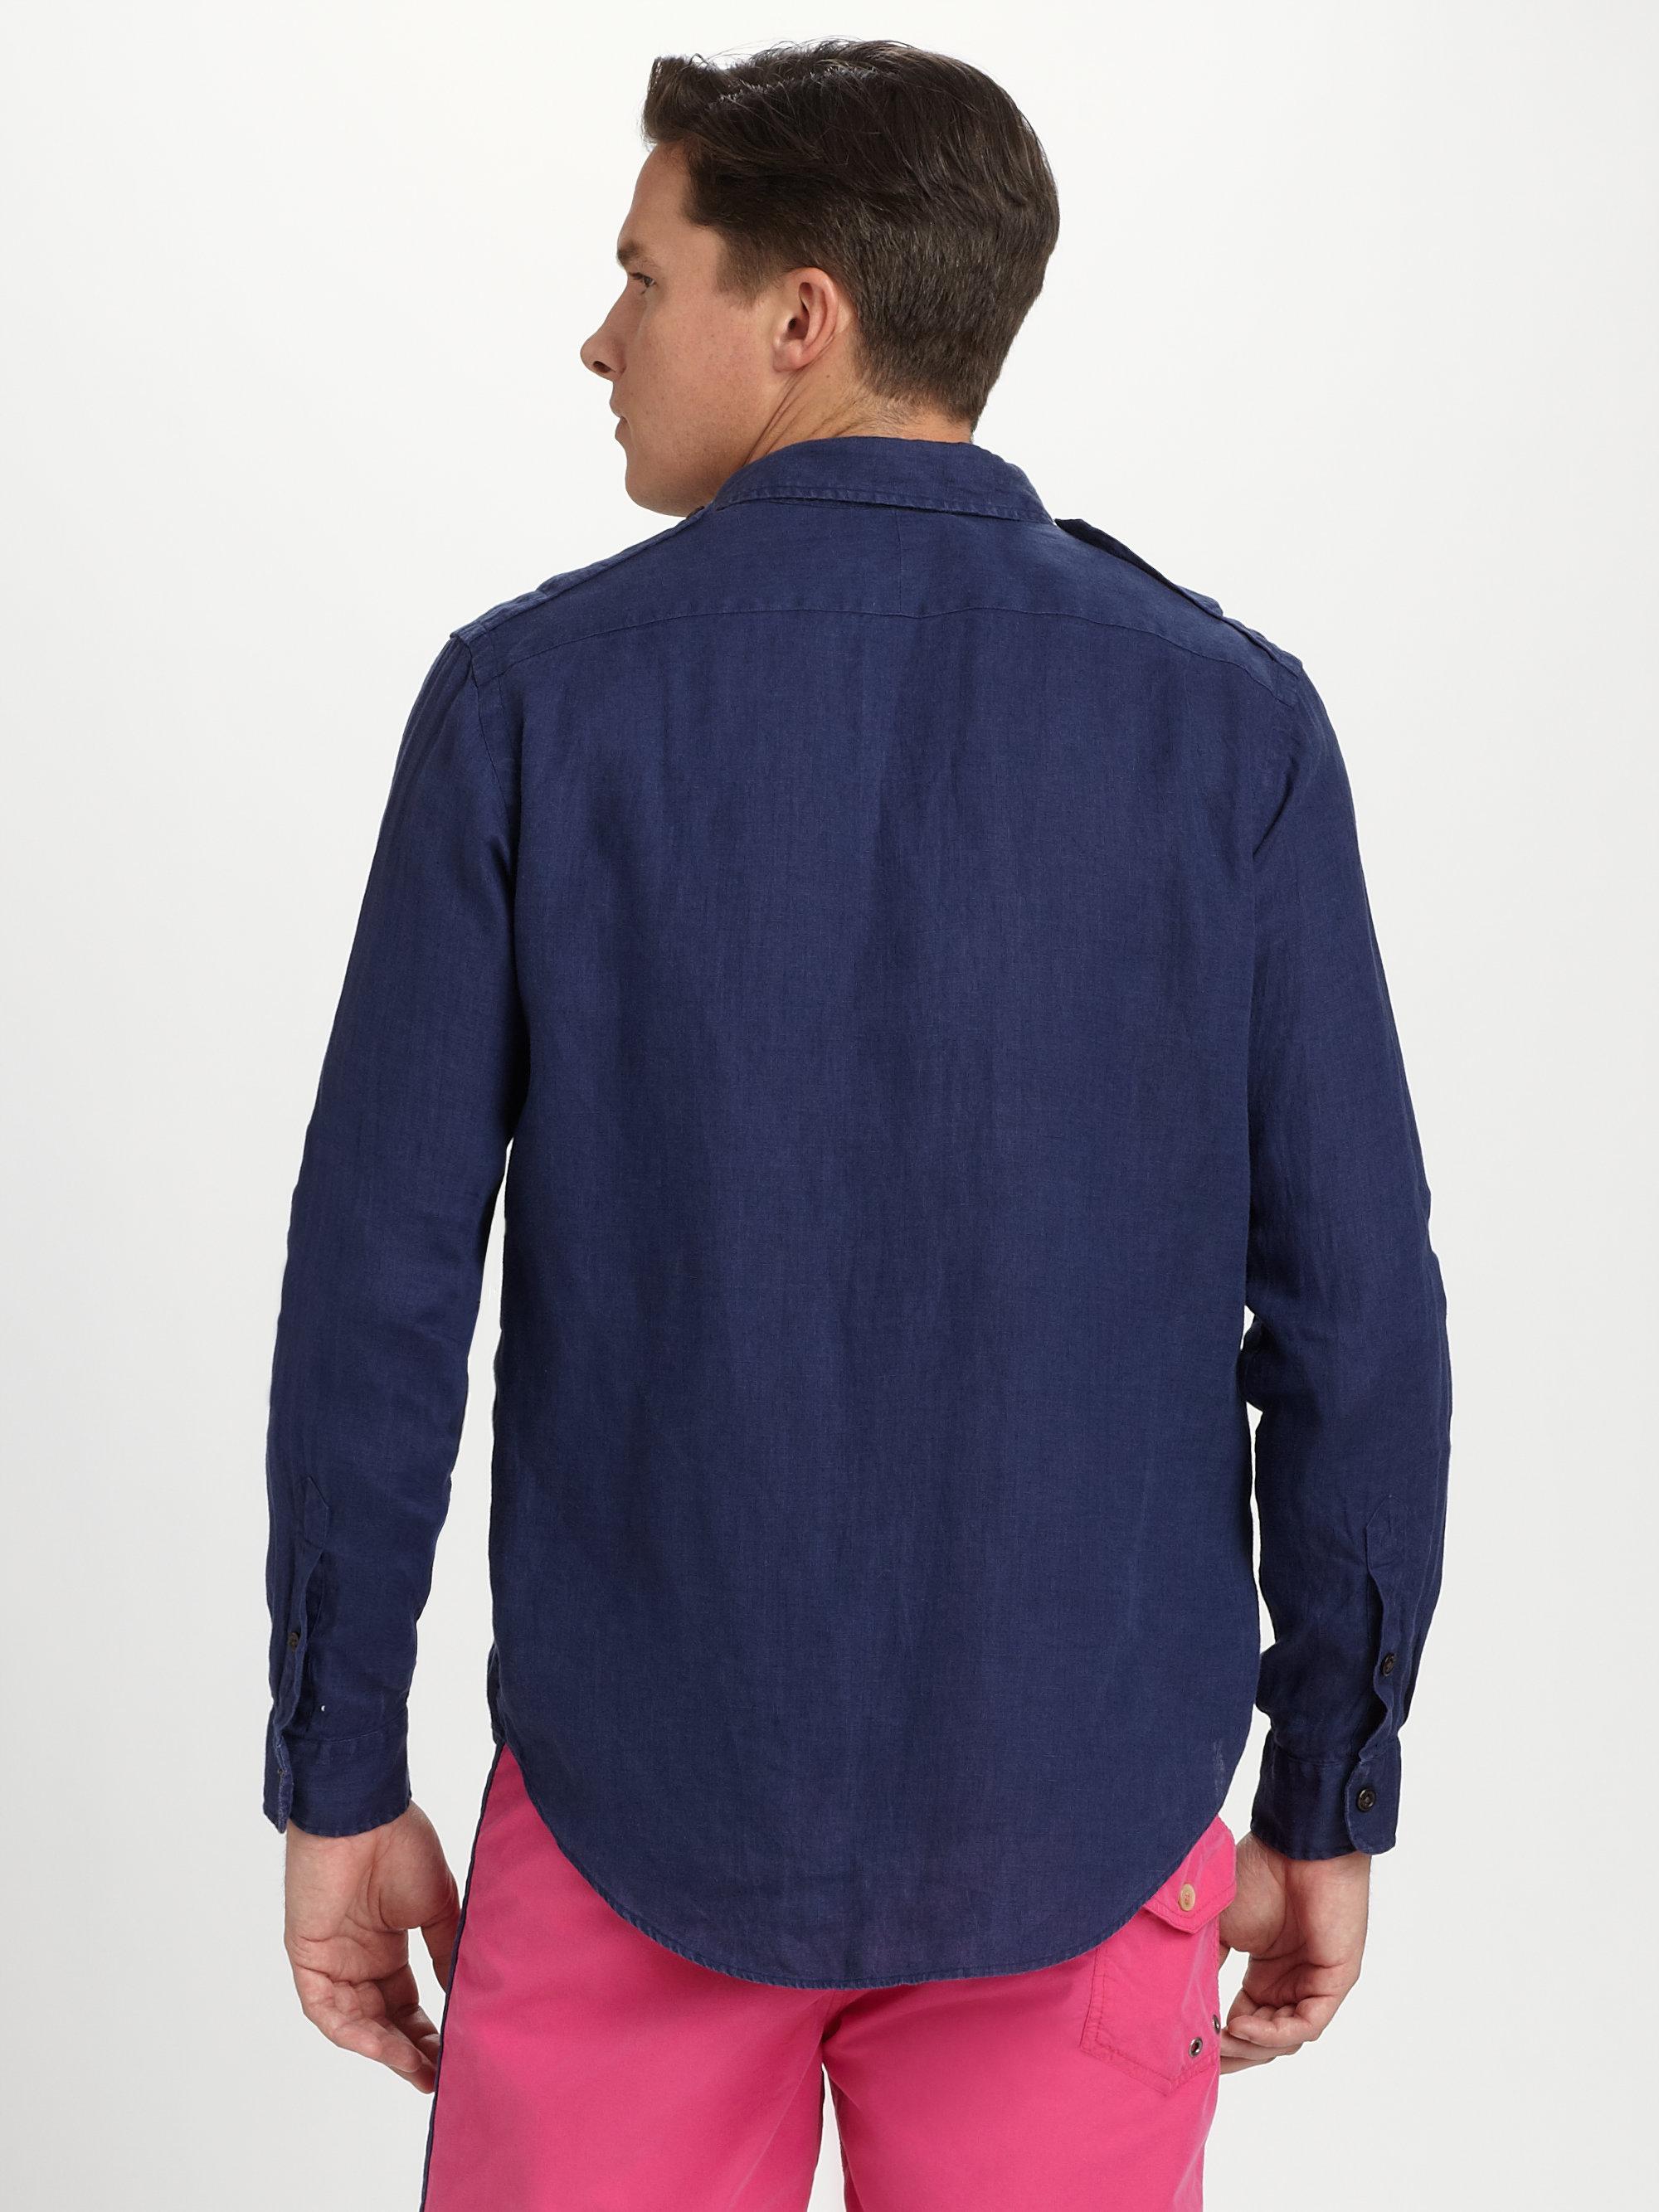 d353e72242b53 ... ireland lyst polo ralph lauren linen military shirt in blue for men  5ab2d a2222